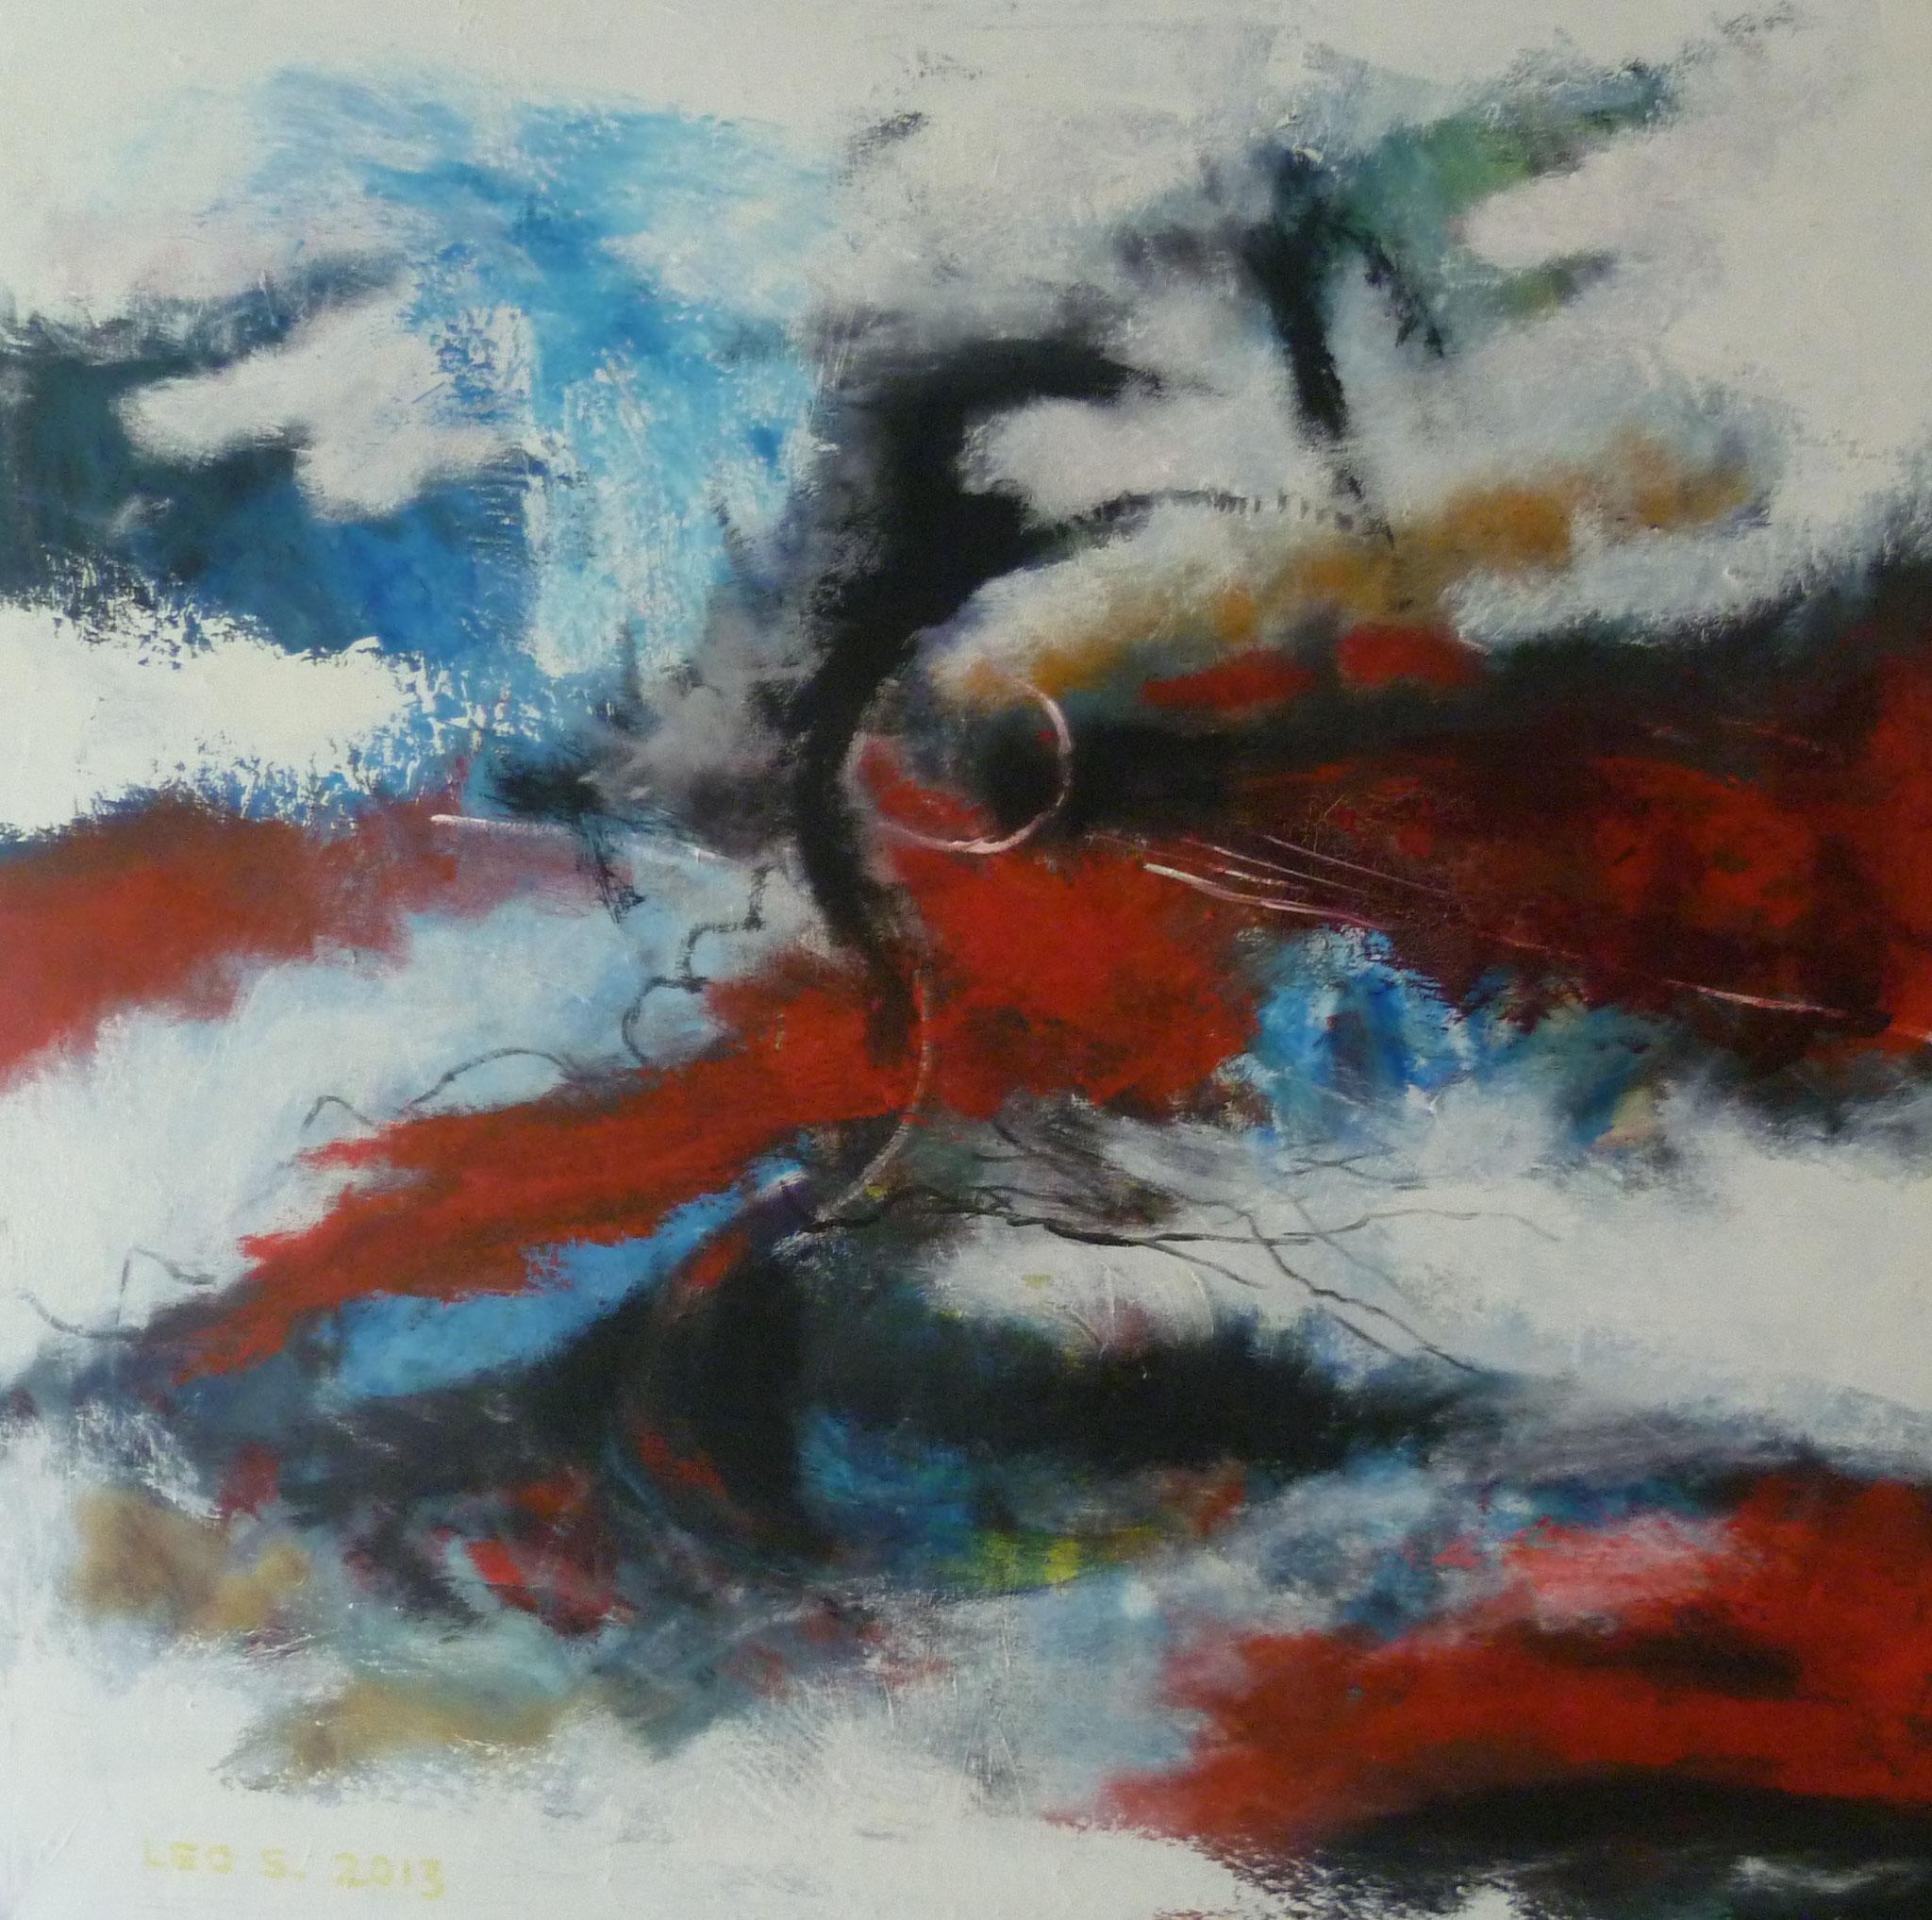 Landschaft I, Öl auf Leinwand, 80 x 80 cm